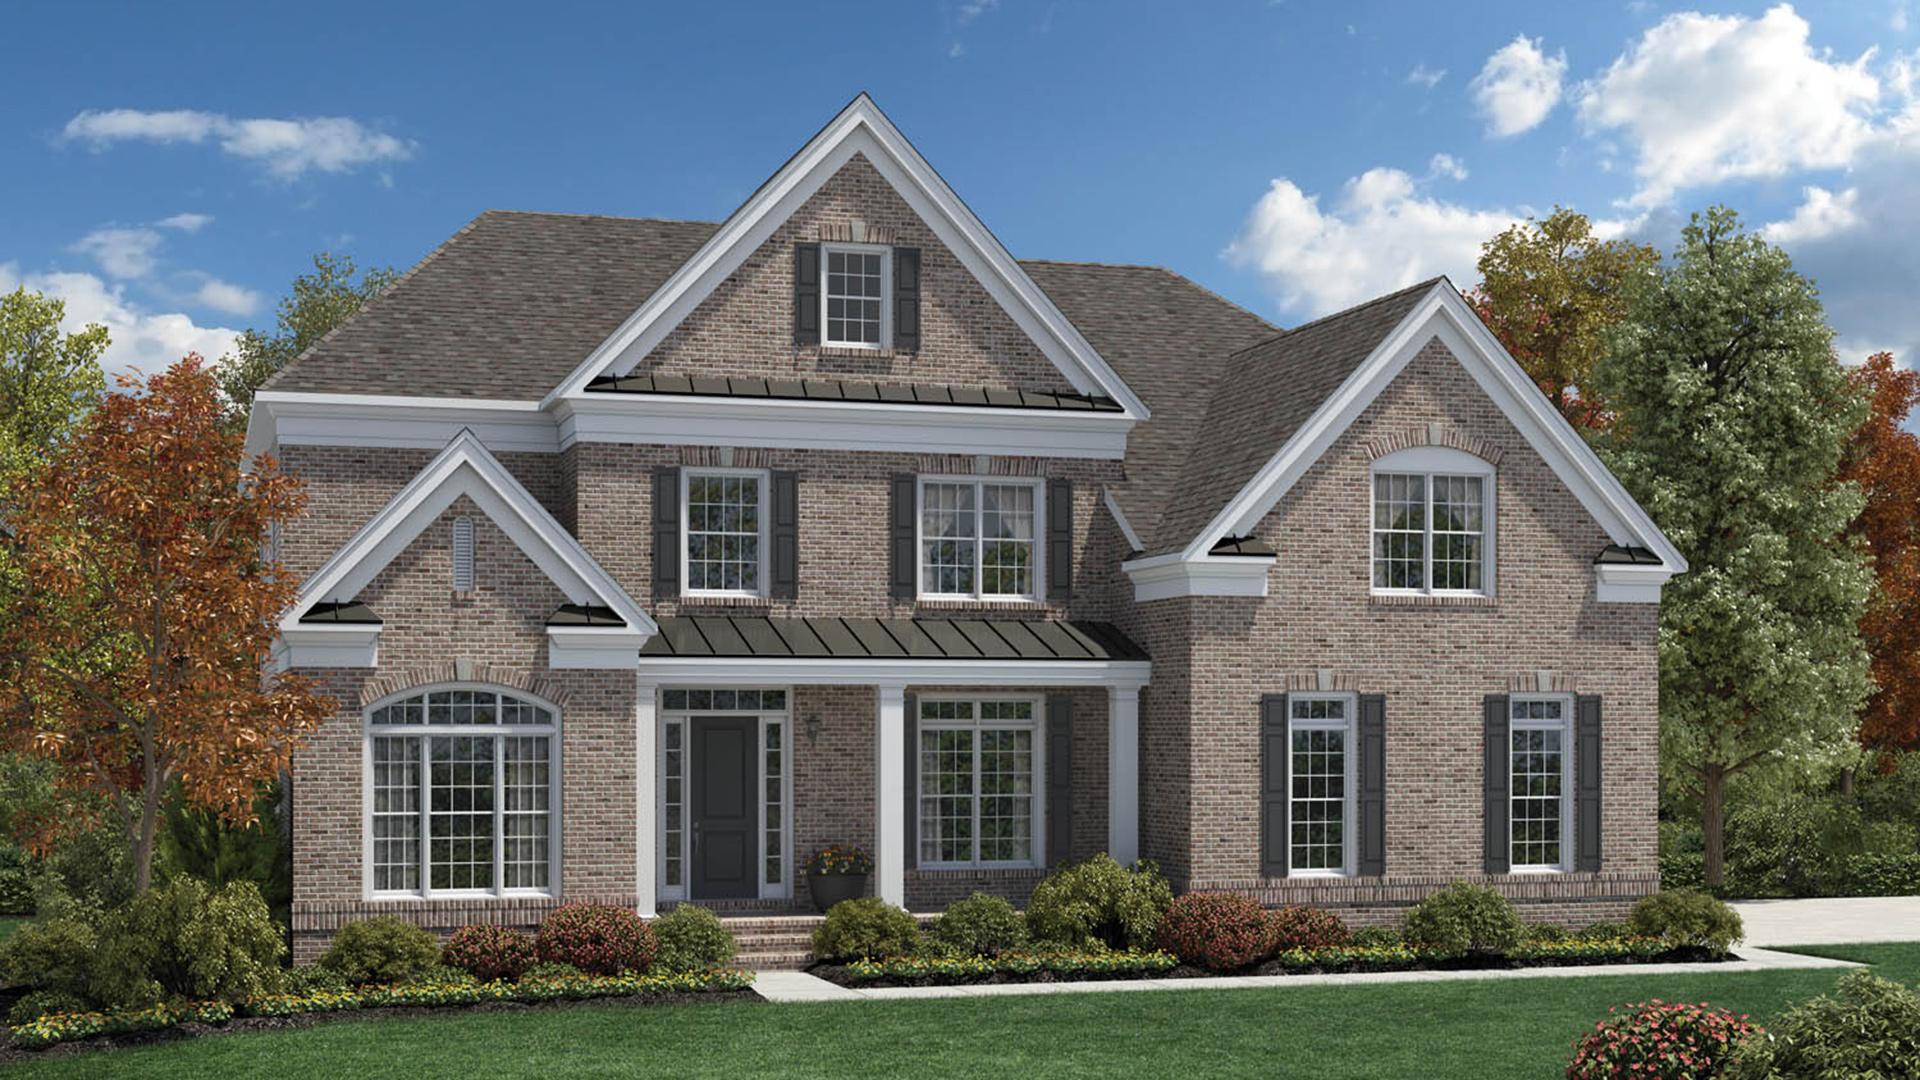 Estates at bamm hollow the hudson home design for Hudson home designs